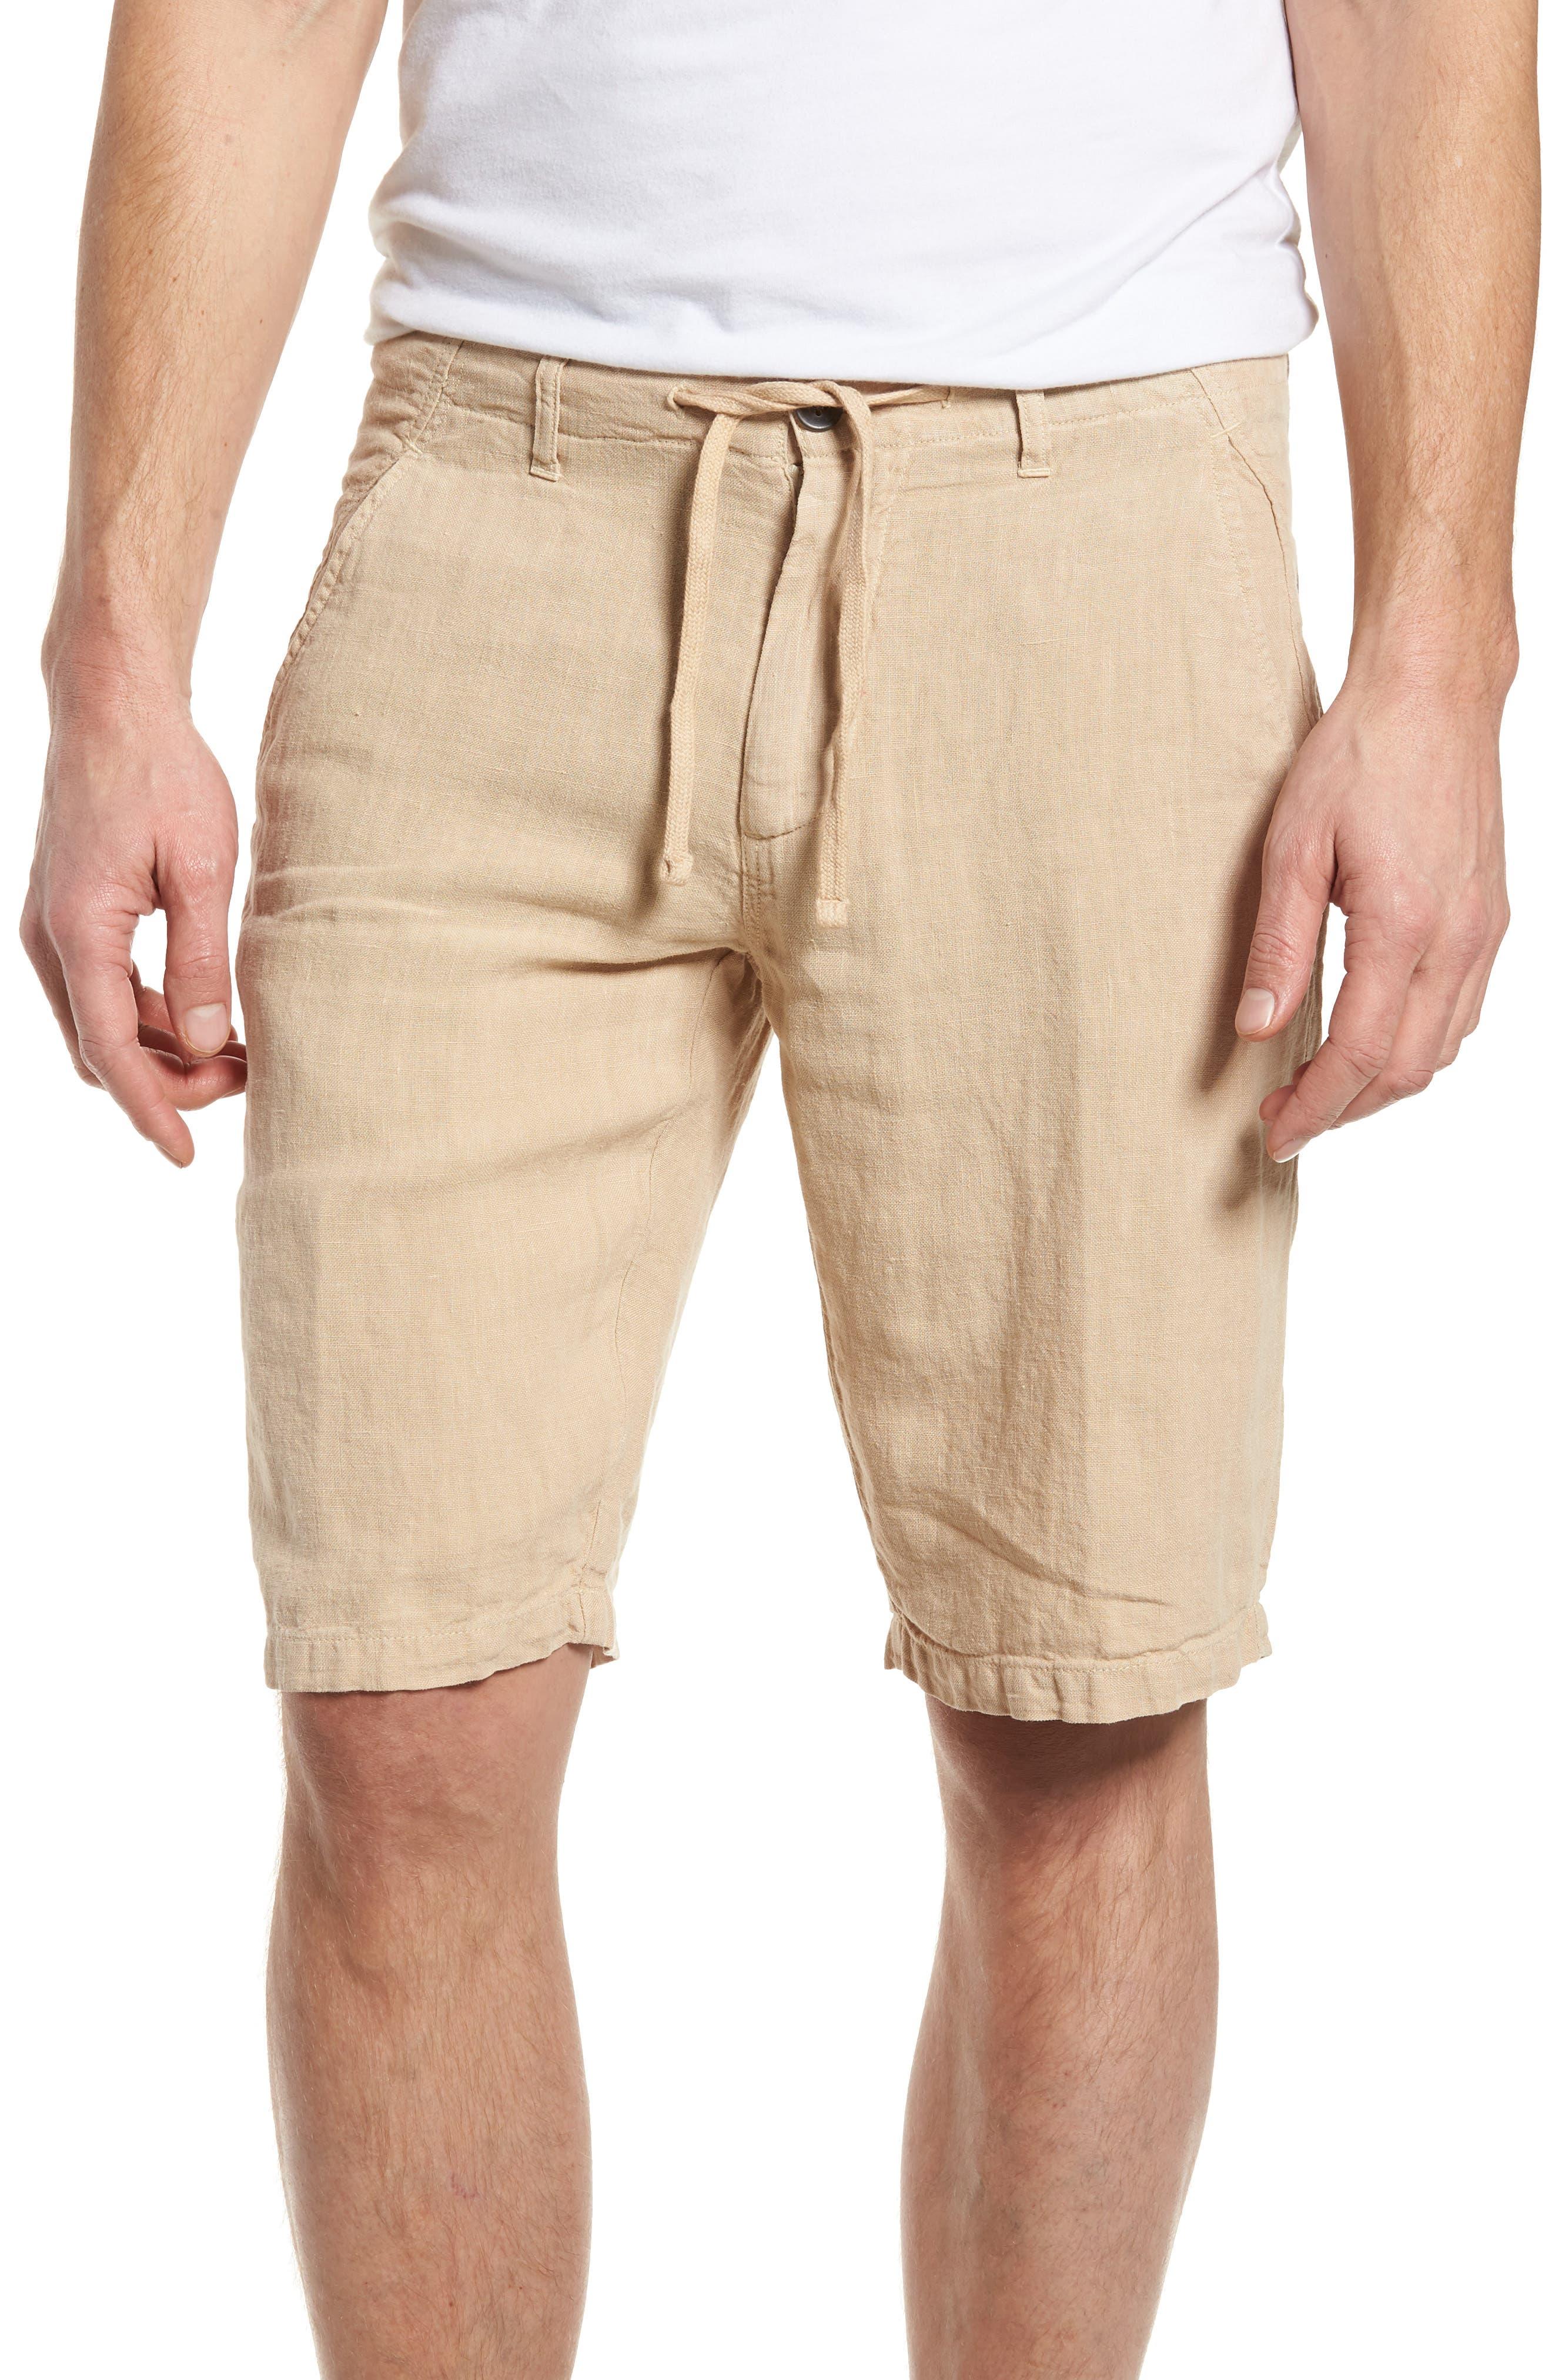 & Bros. Linen Shorts,                             Main thumbnail 1, color,                             200